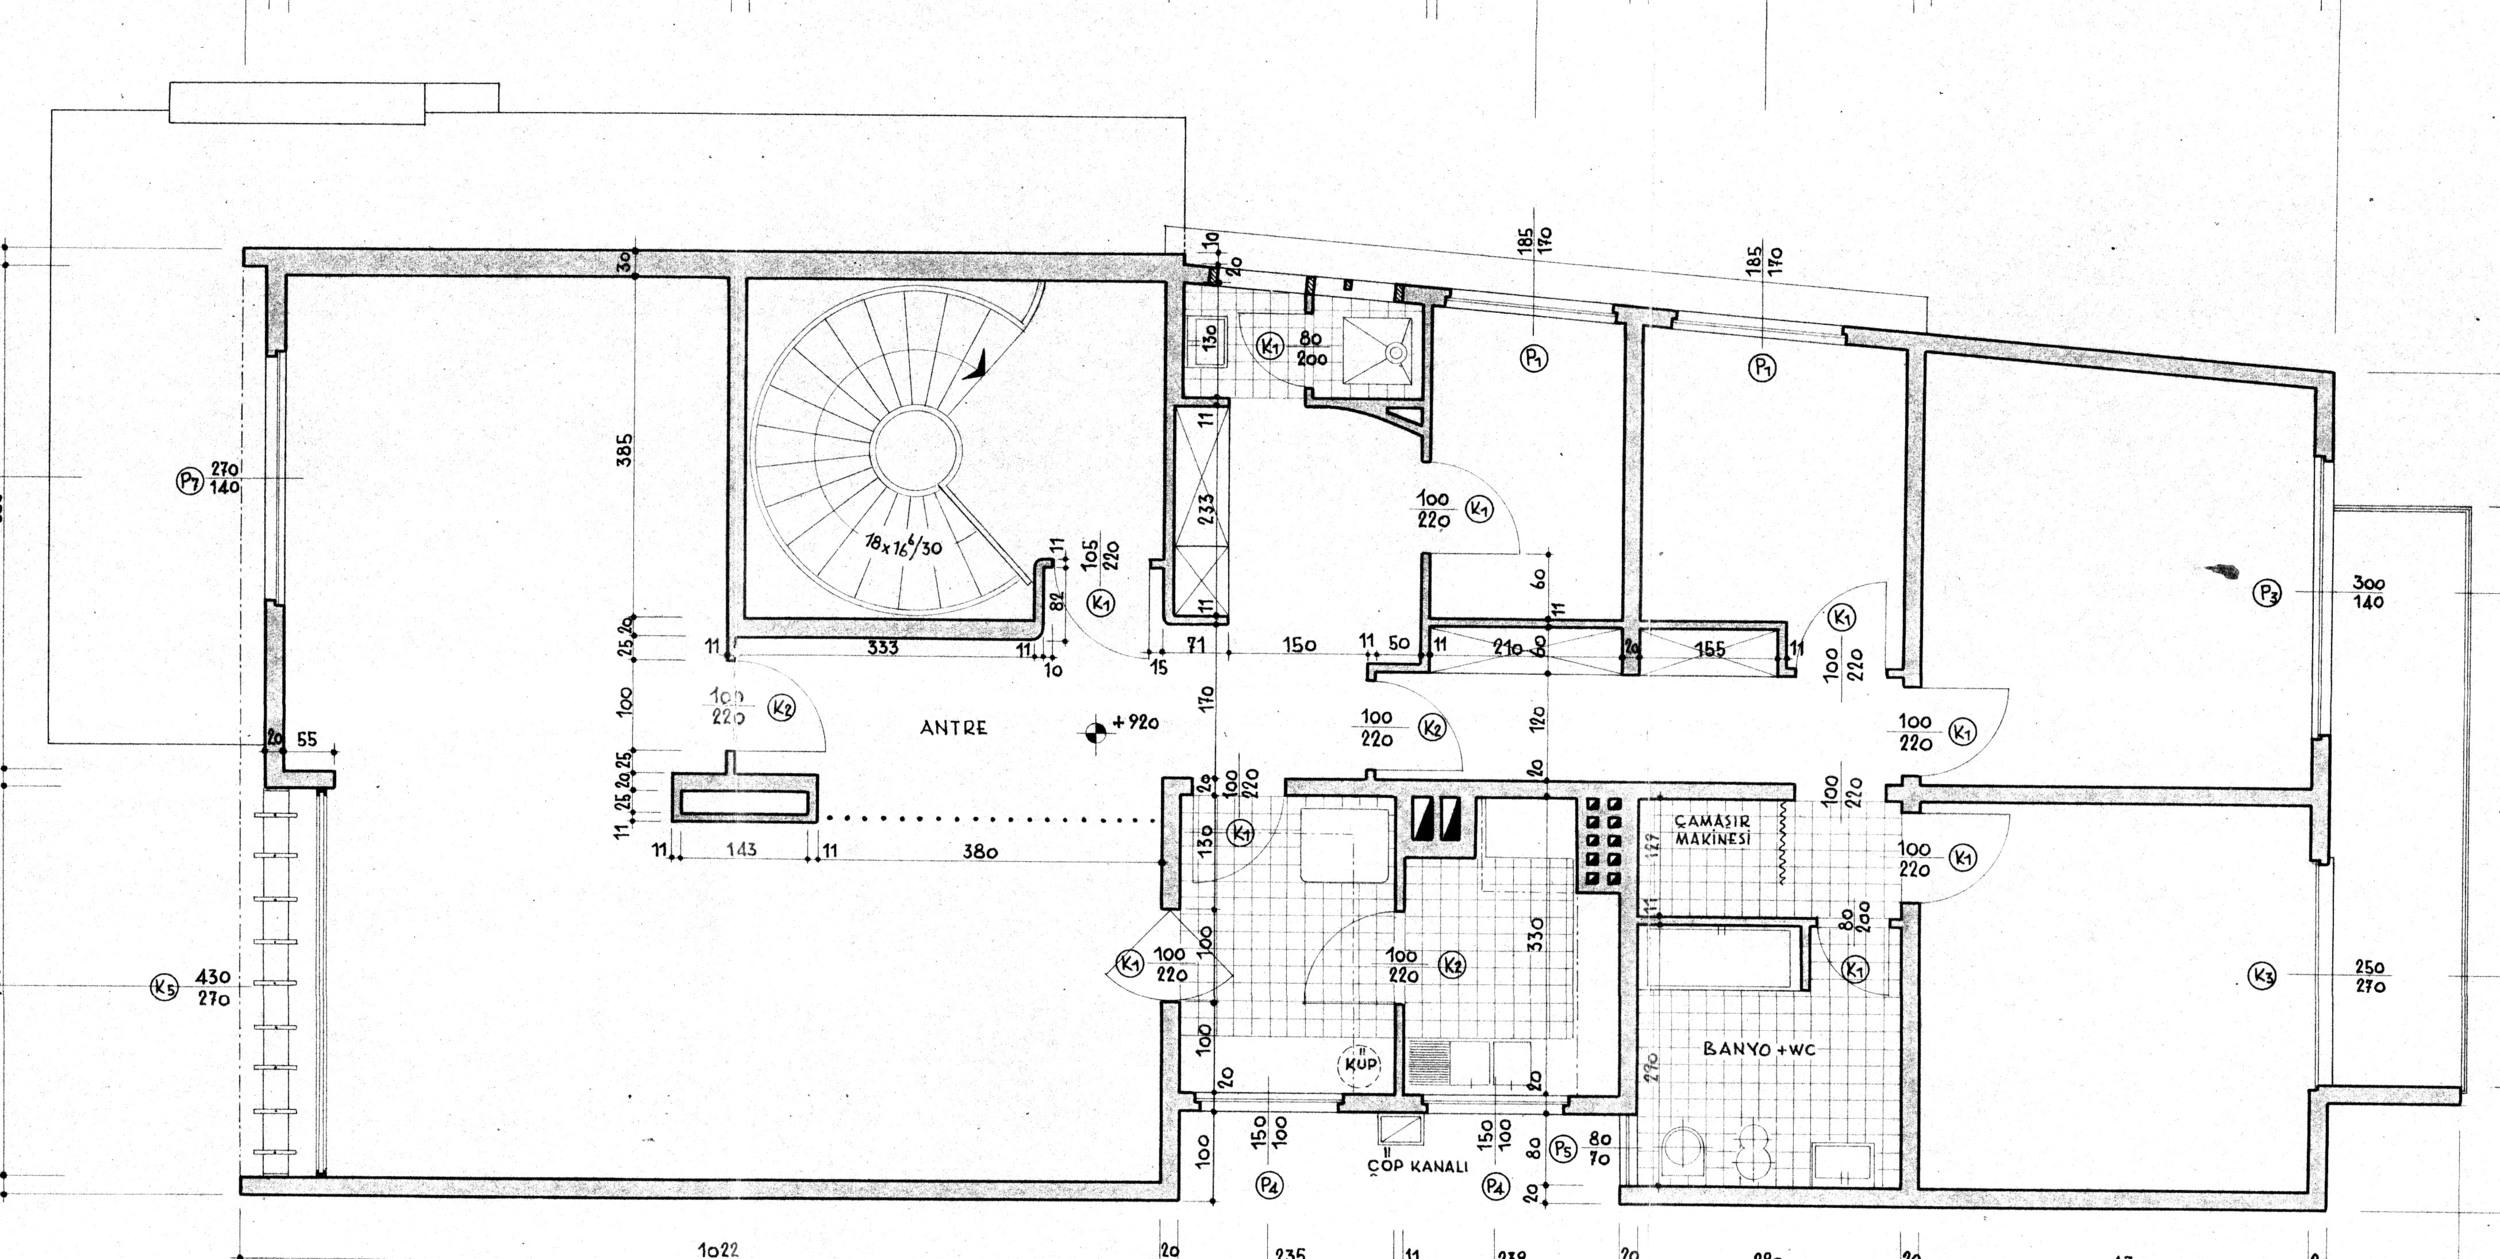 Resim 2: Yapının plan çizimi